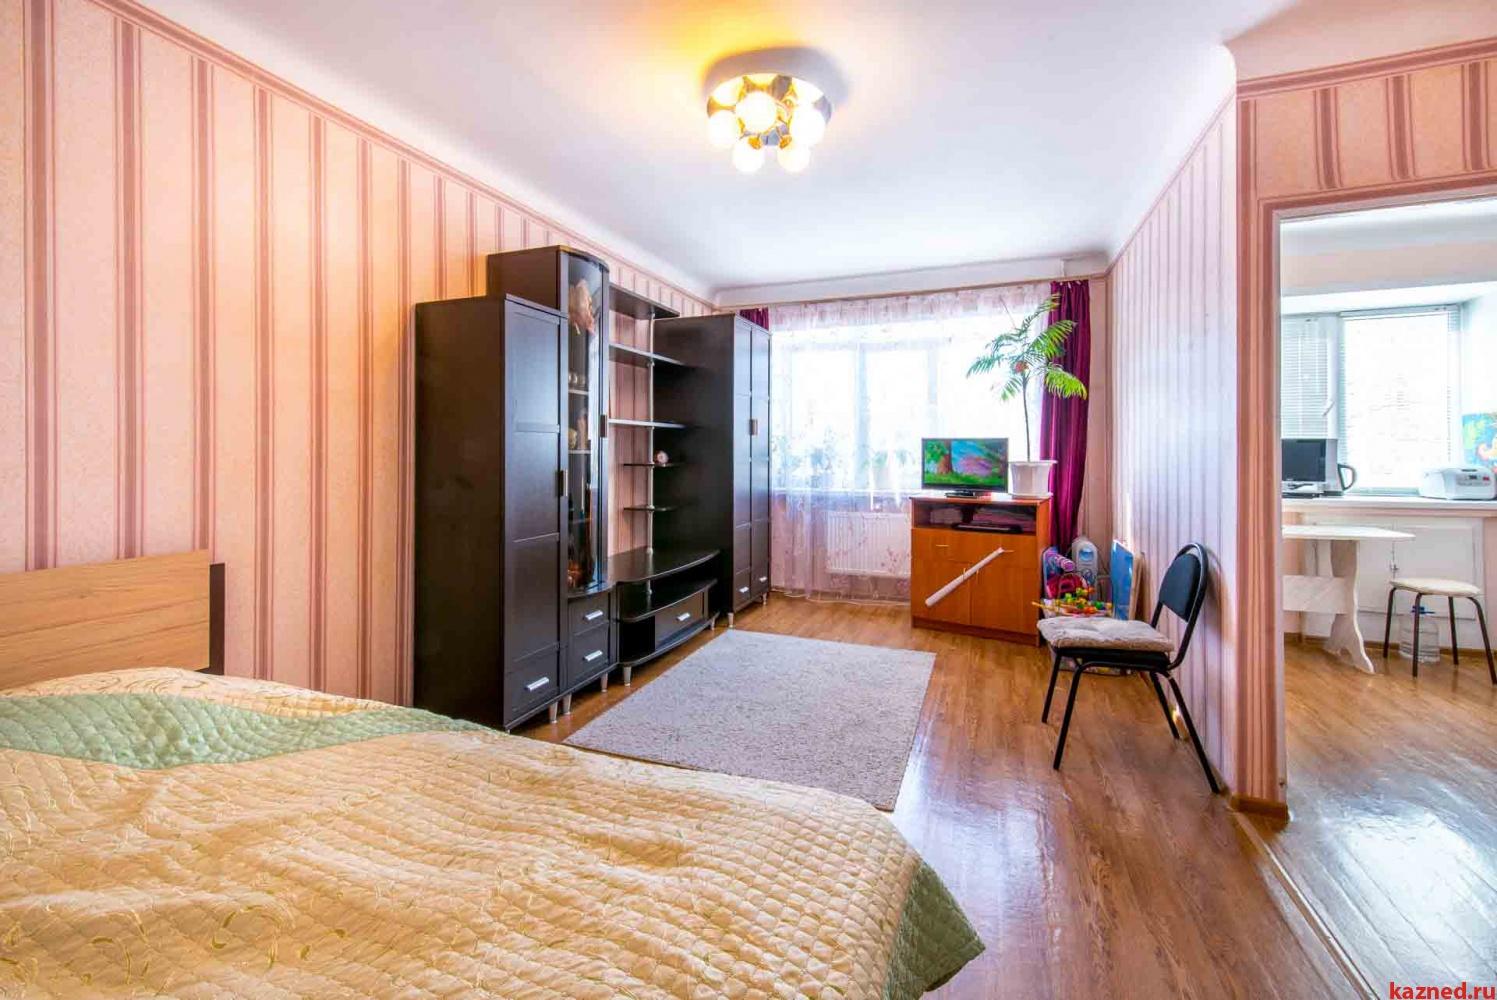 Продажа 1-к квартиры Качалова 82/19, 31 м²  (миниатюра №4)